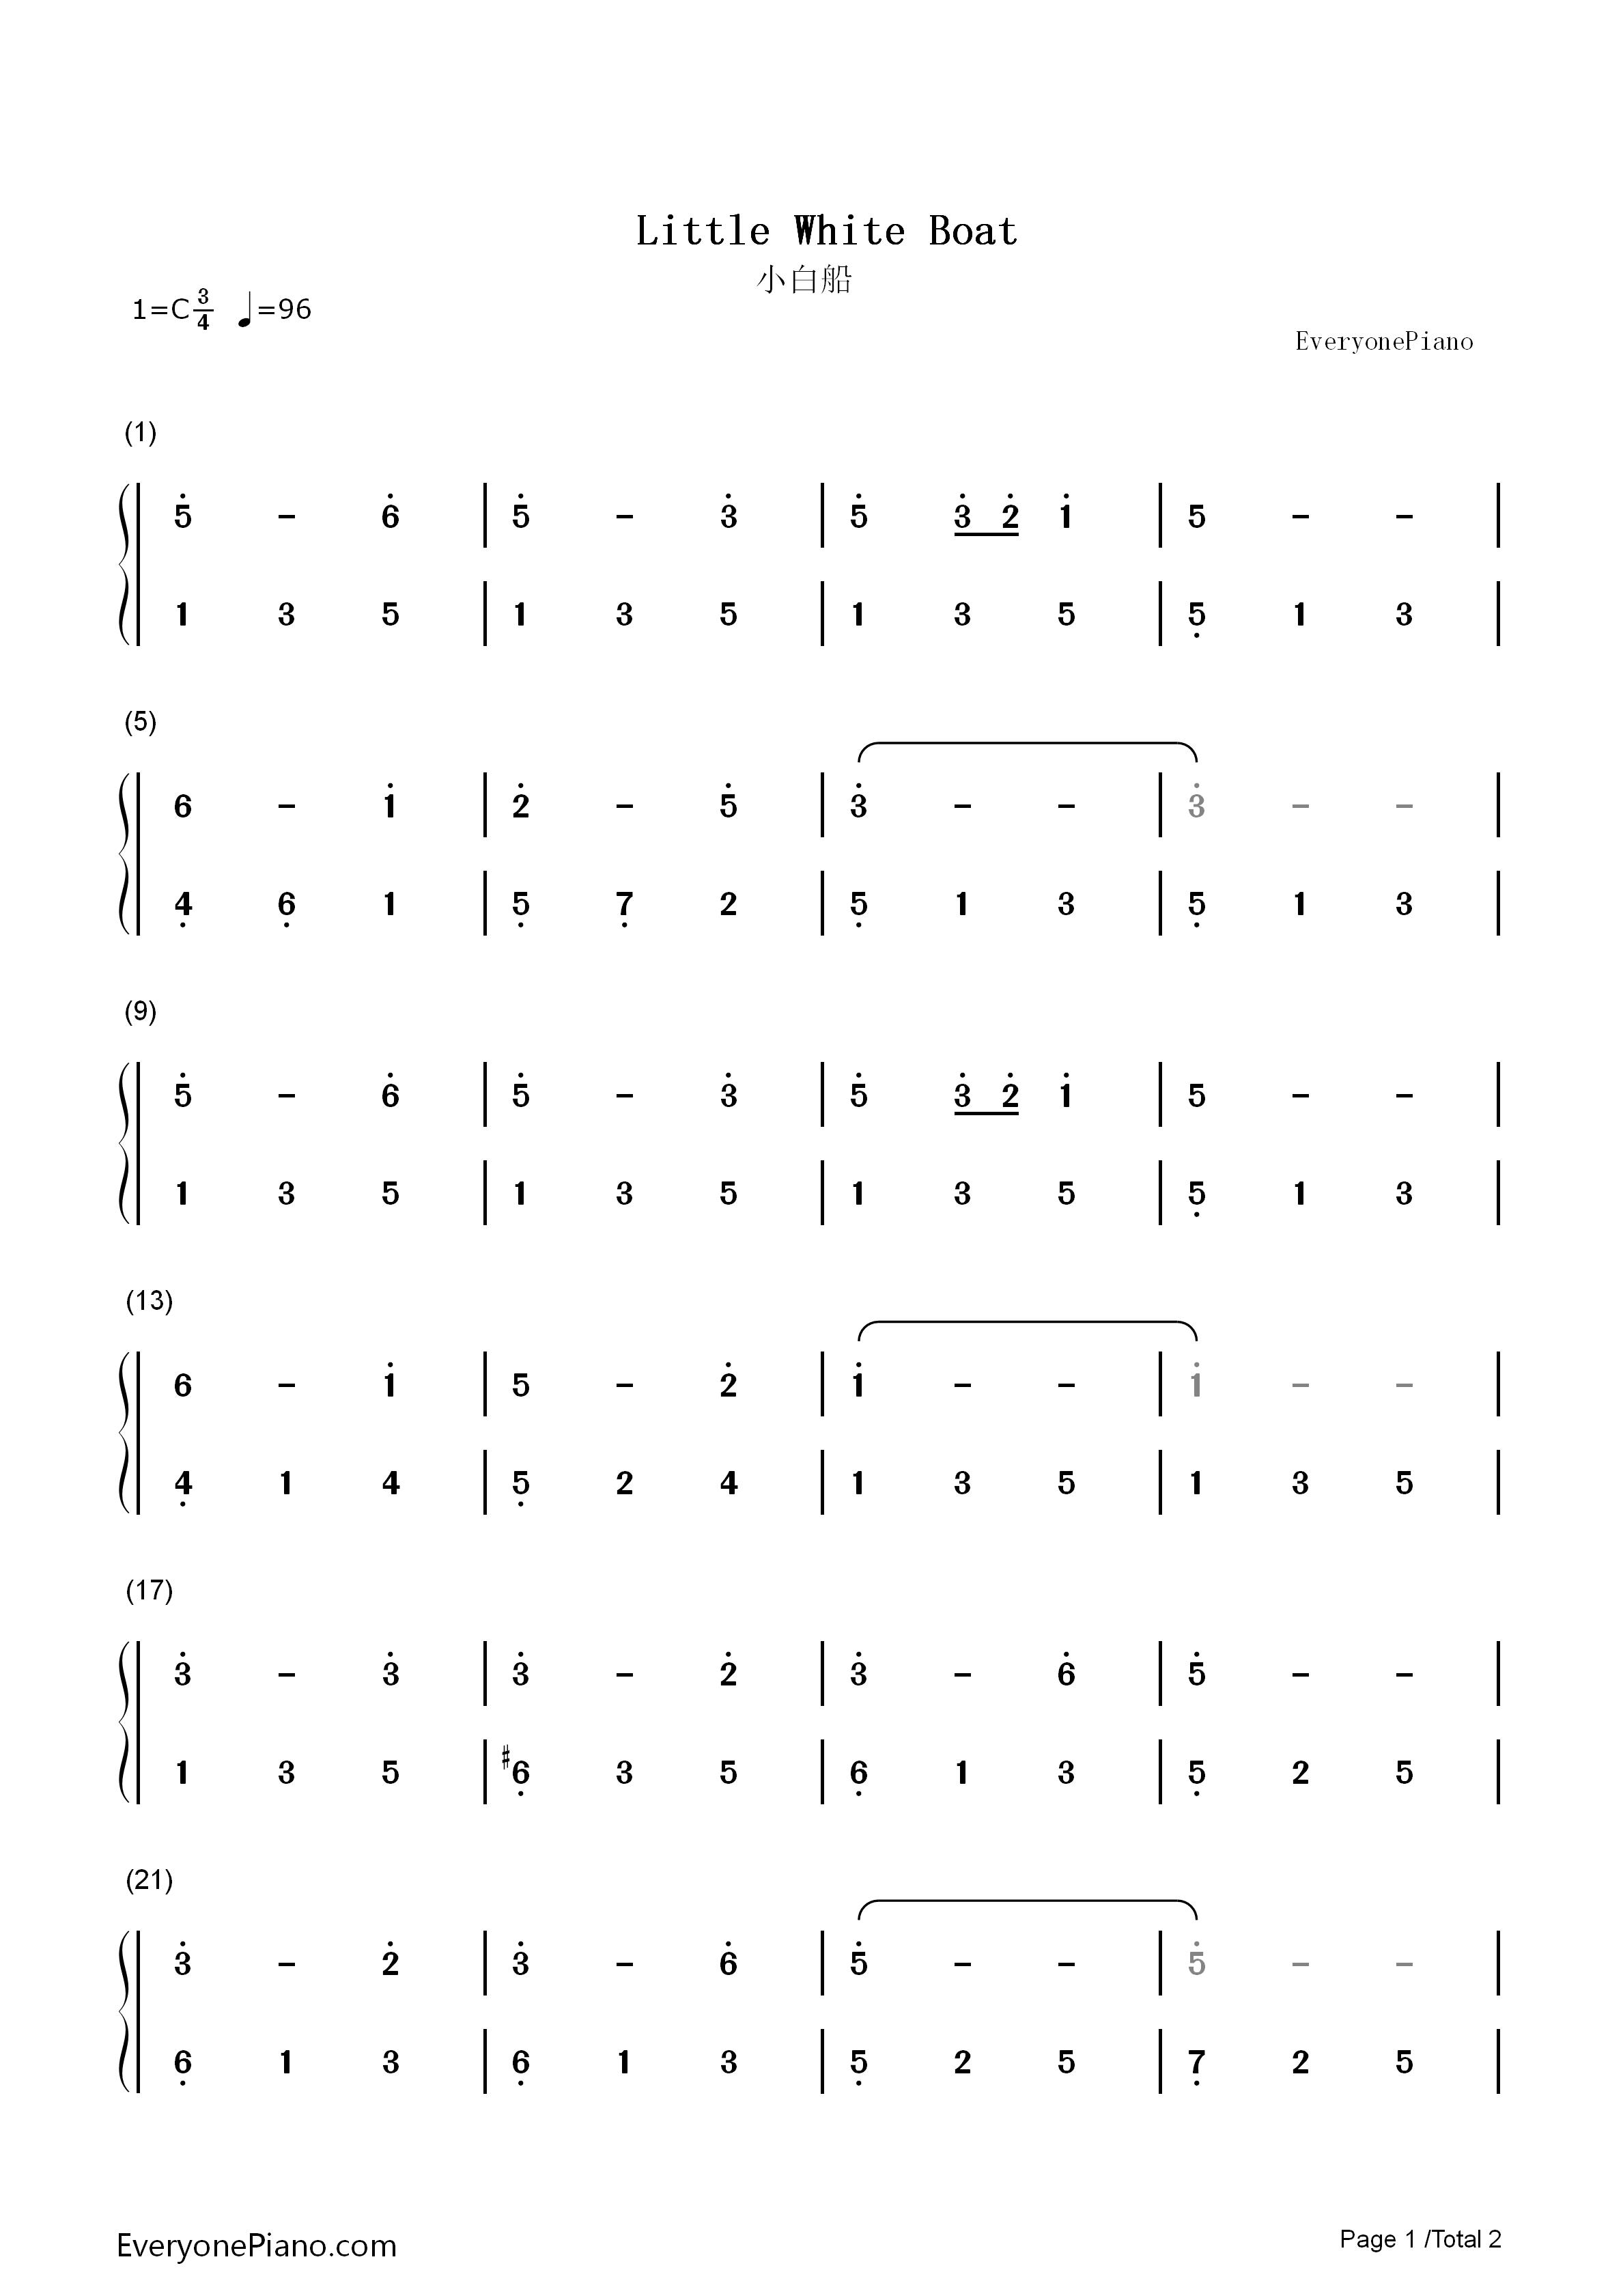 钢琴曲谱 儿歌 小白船 小白船双手简谱预览1  }  仅供学习交流使用!